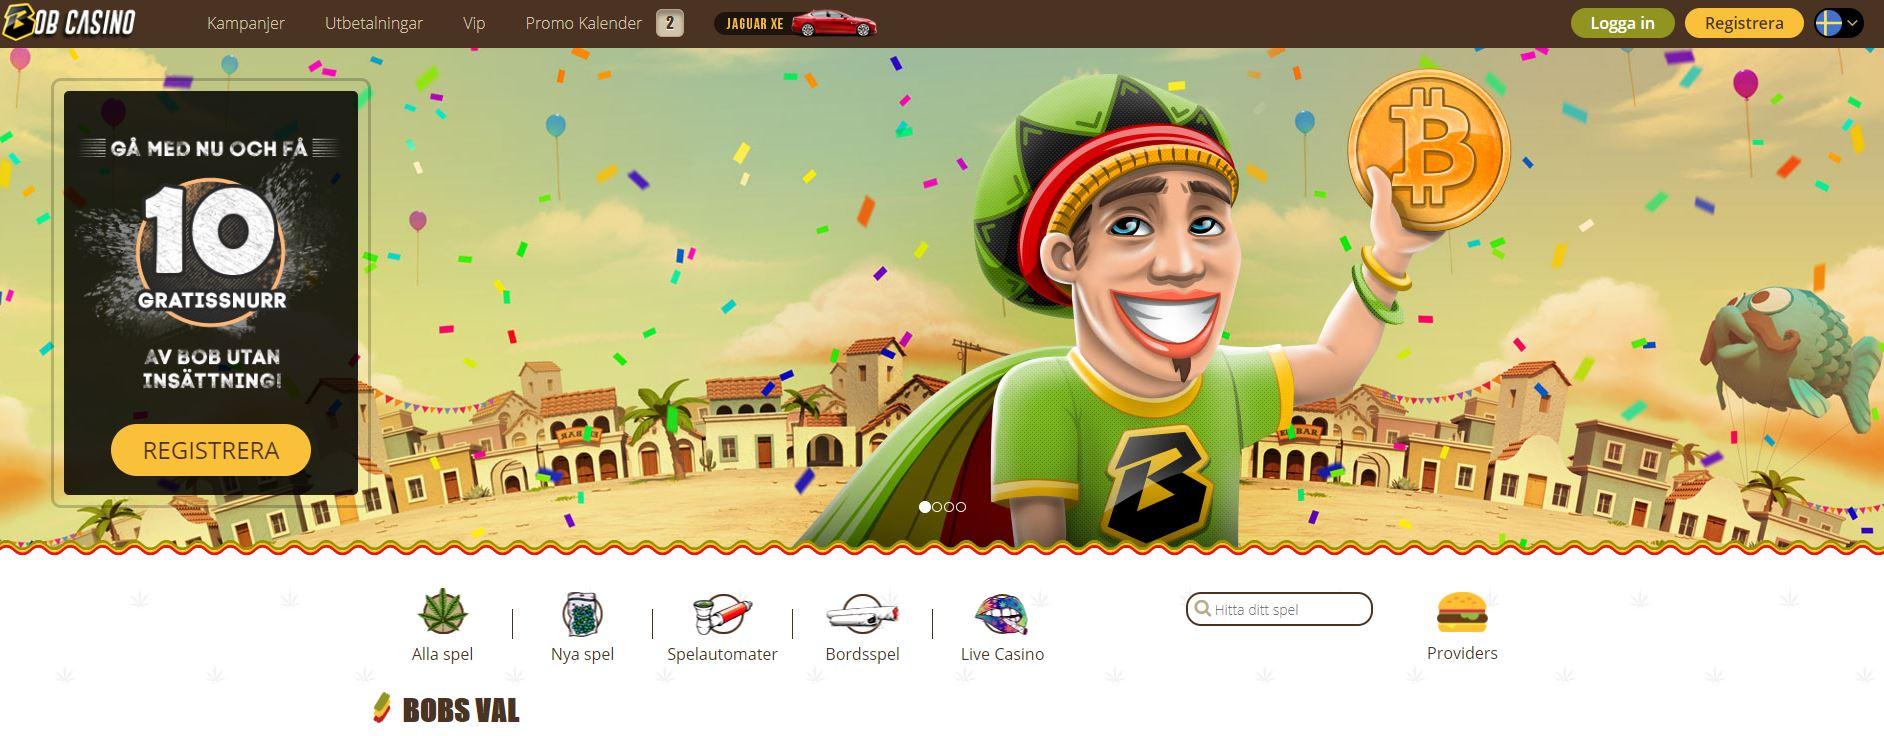 официальный сайт казино боб официальный сайт